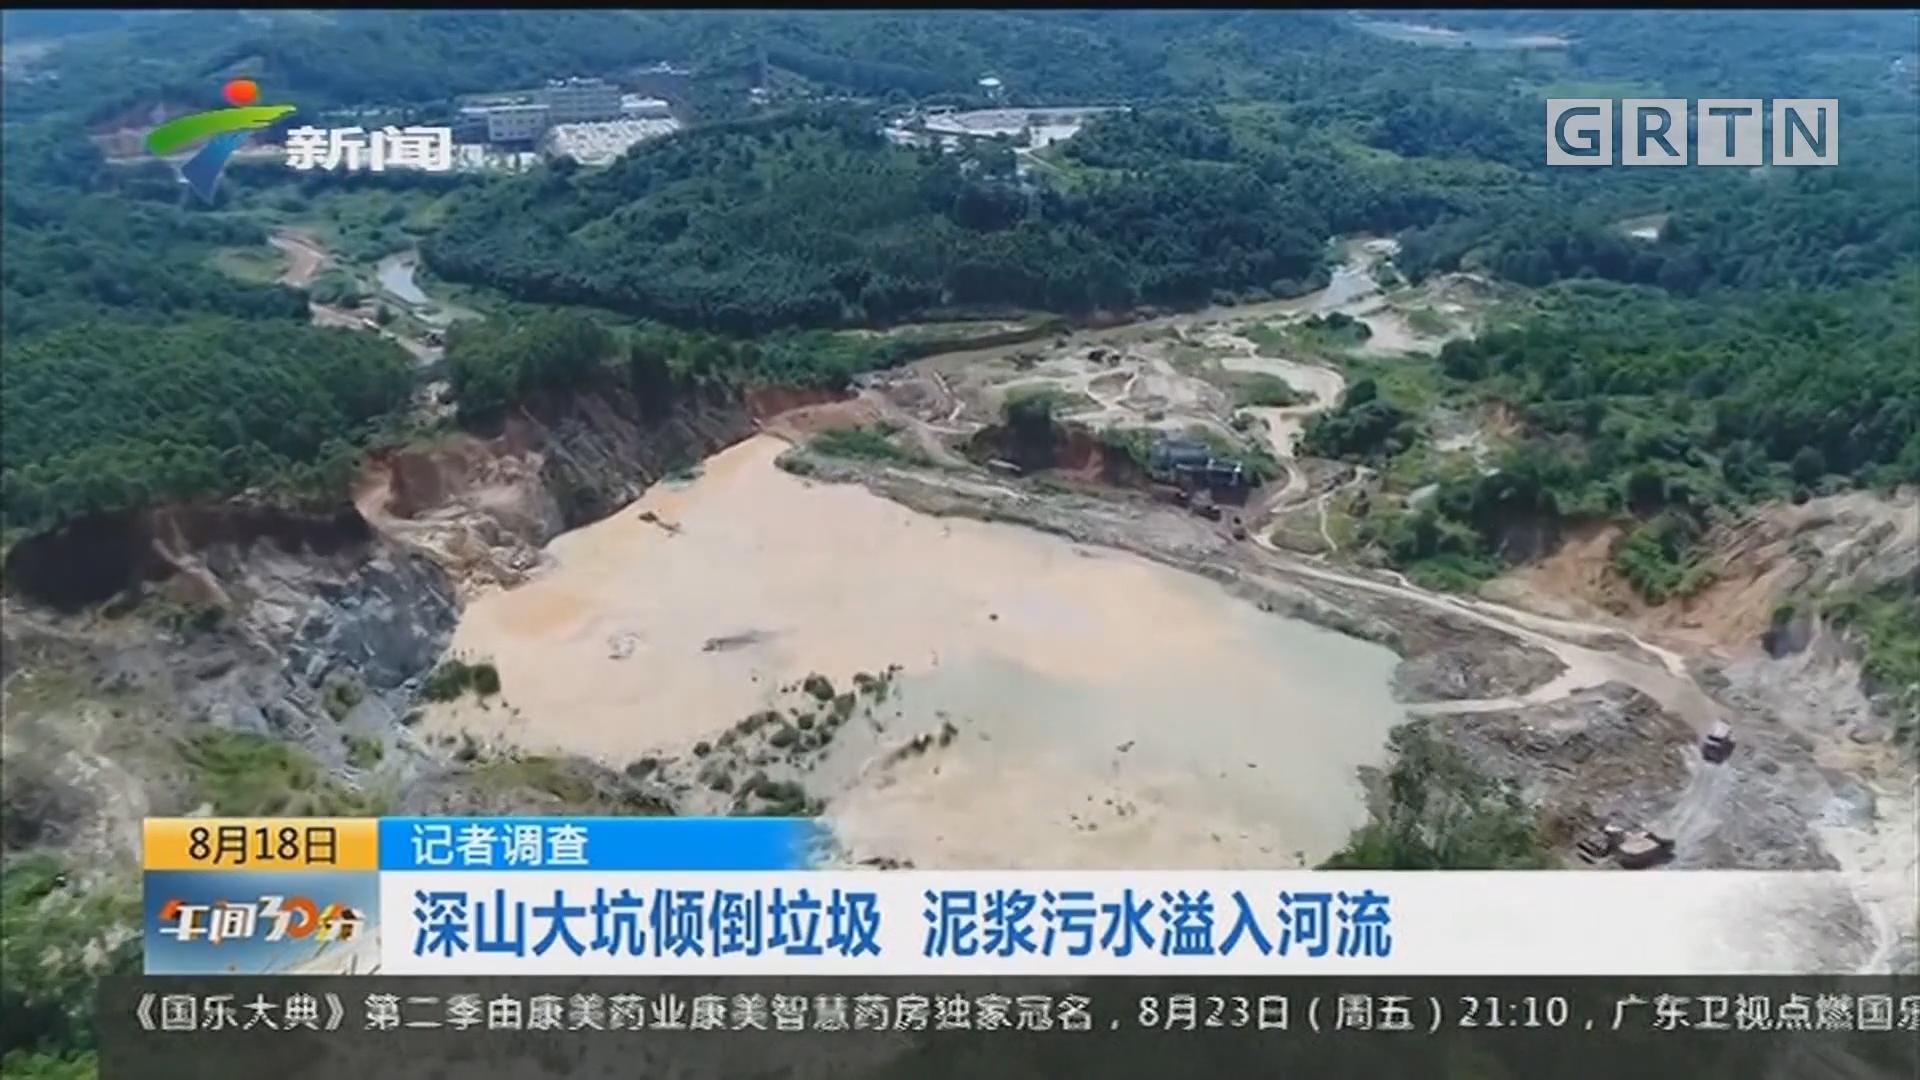 记者调查:深山大坑倾倒垃圾 泥浆污水溢入河流